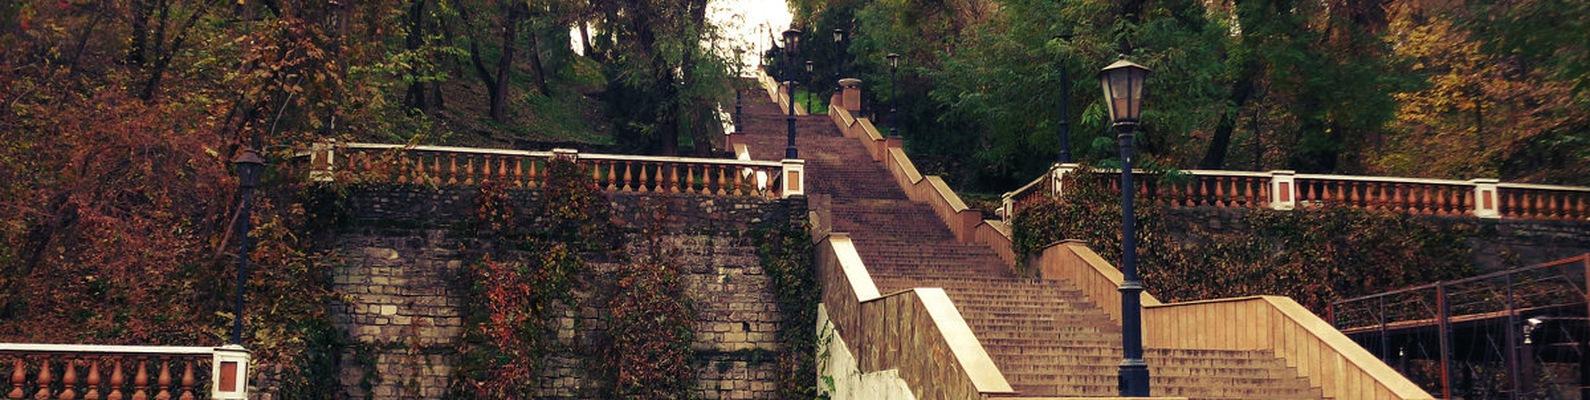 Каменная лестница таганрог подать объявление бесплатно подать объявление о курсах повышения квалификации